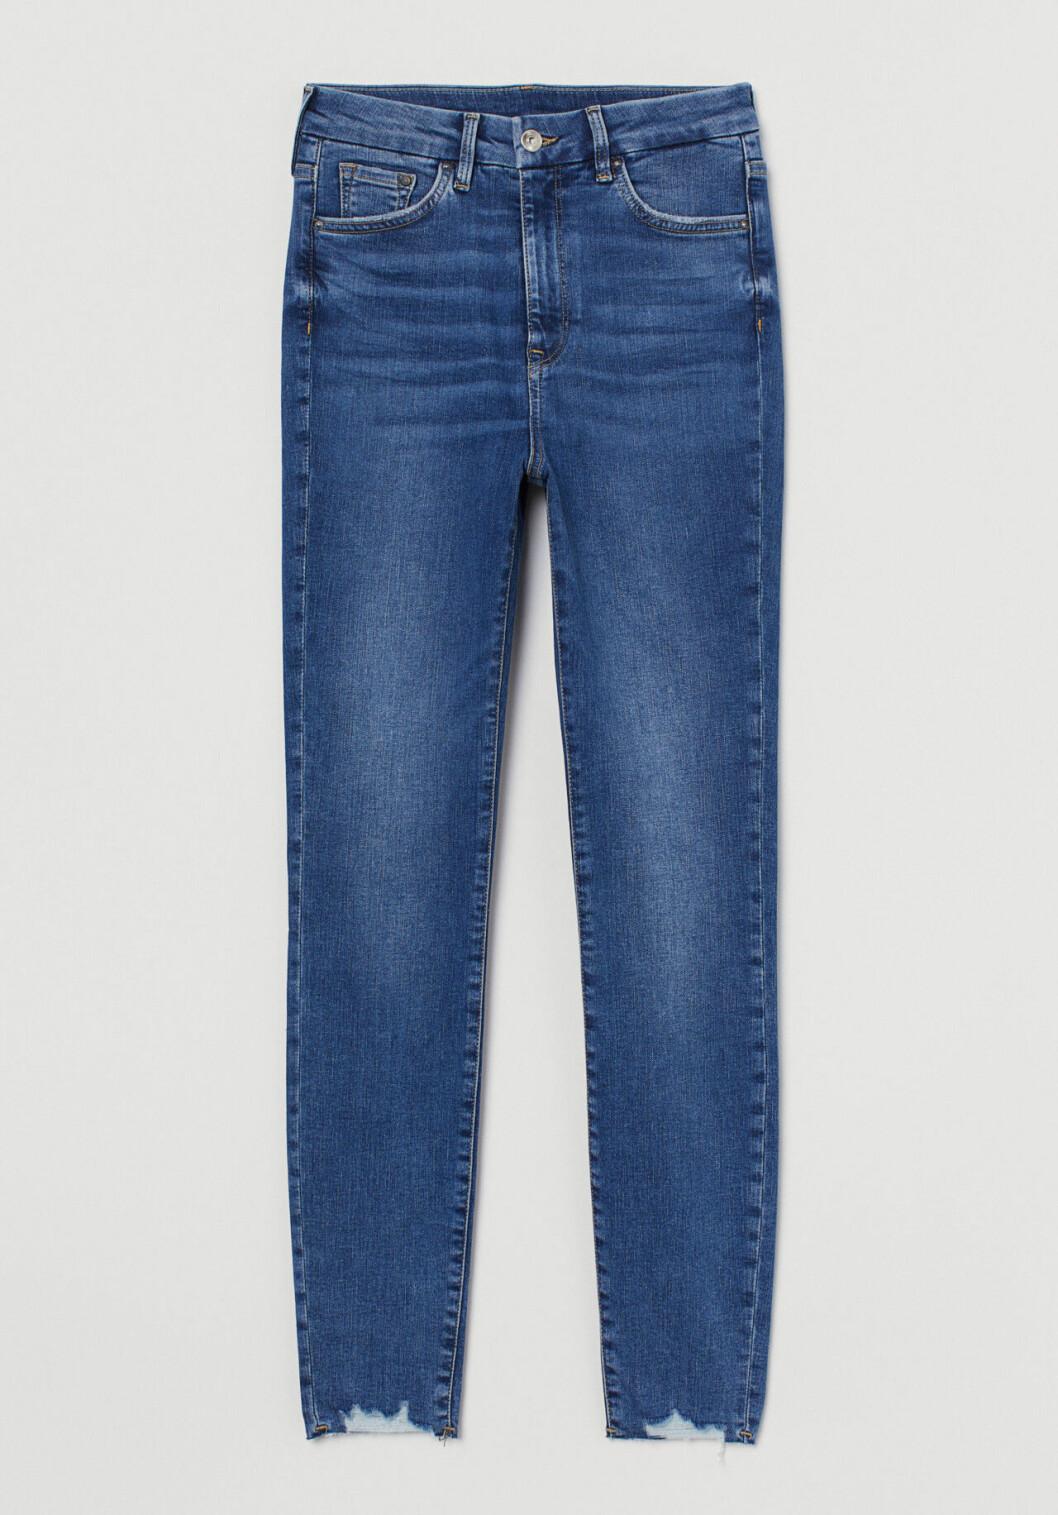 Blå jeans i stuprörsmodell för dam till våren 2020